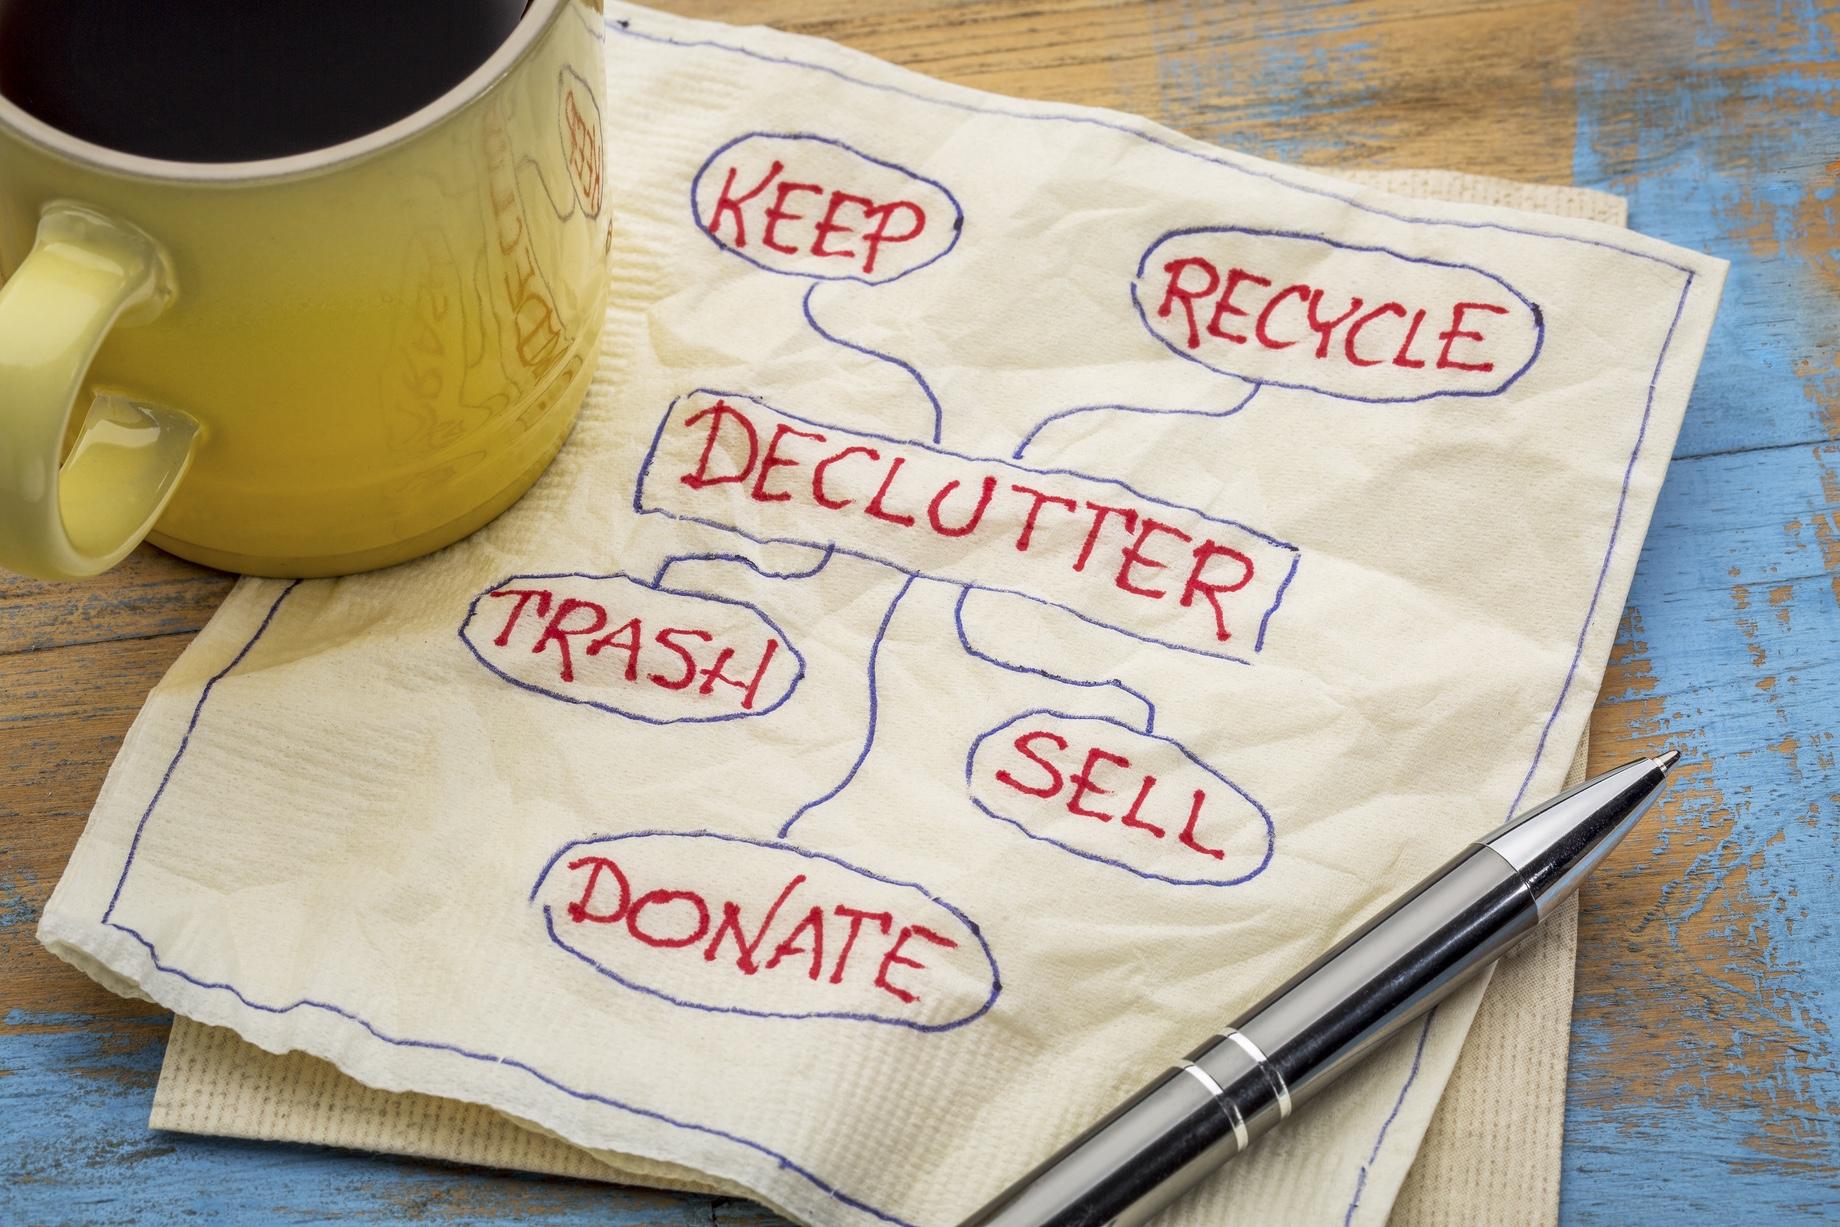 Declutter Plan